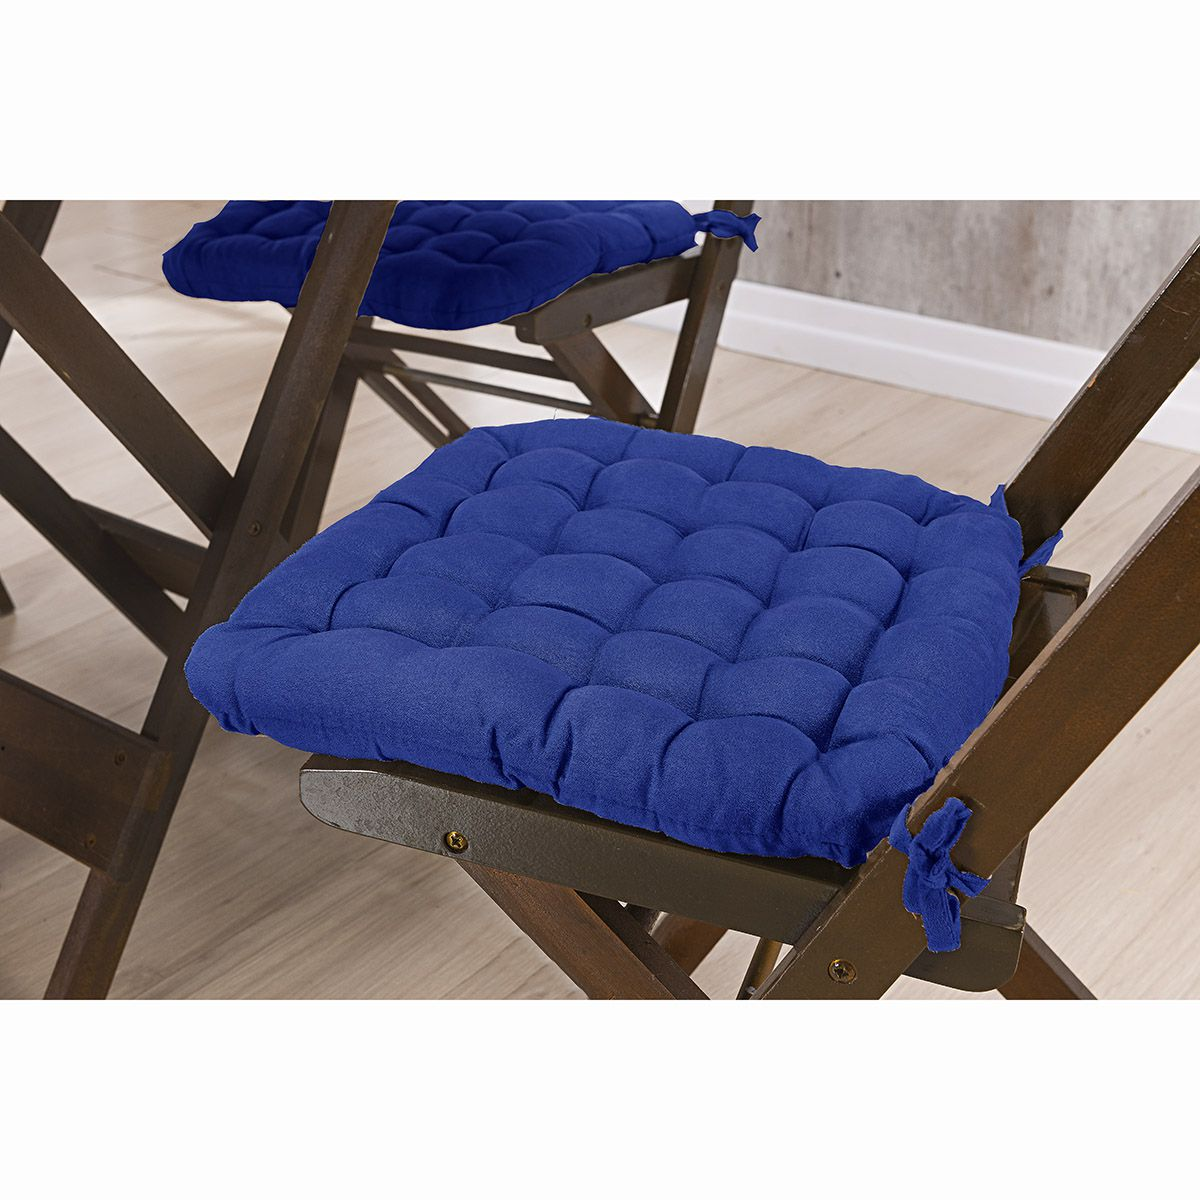 Assento P/ Cadeira - Futton - Kalamar - 40cm x 40cm - Marinho - Niazitex